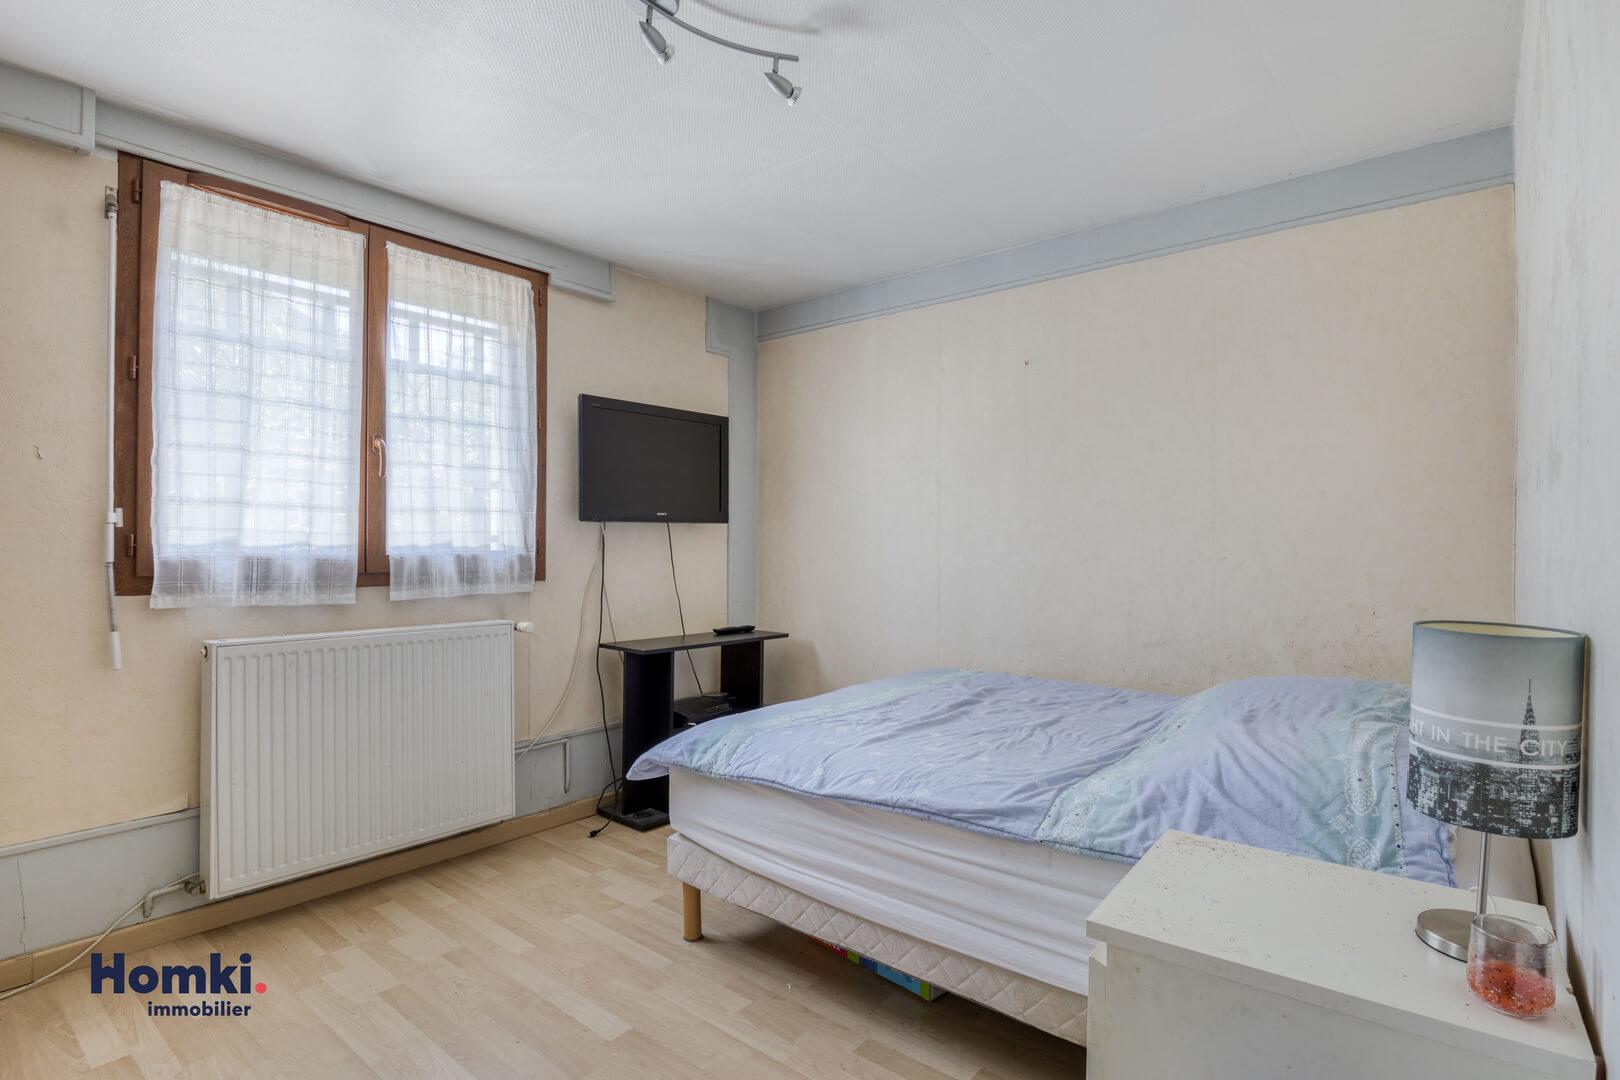 Vente maison 140m² T6 69800_8